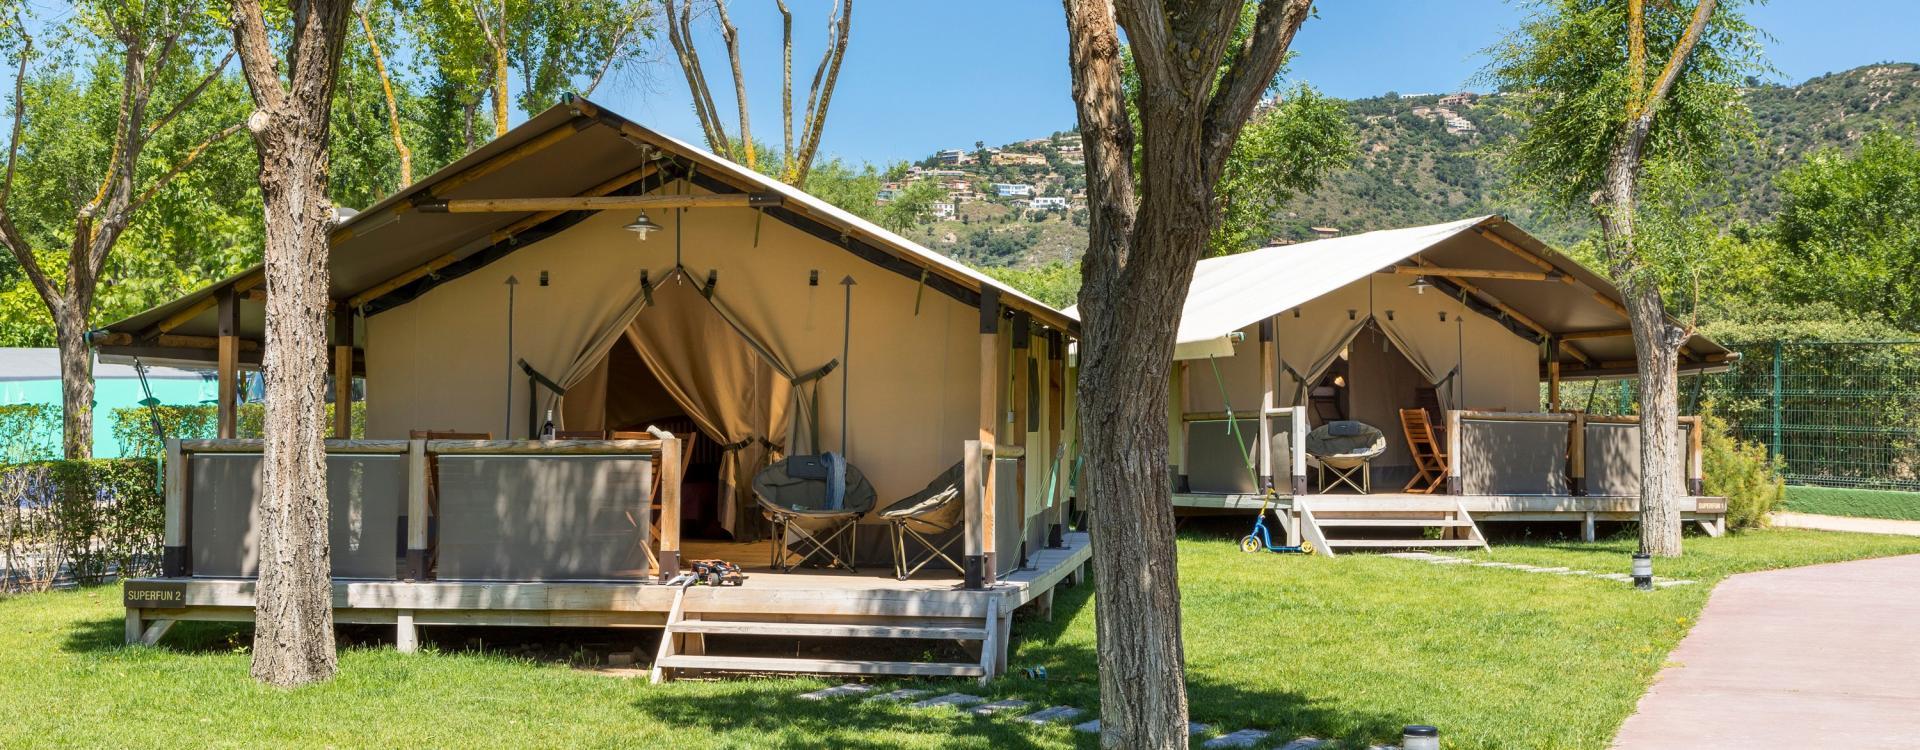 Glamping en Cataluña - Camping Valldaro